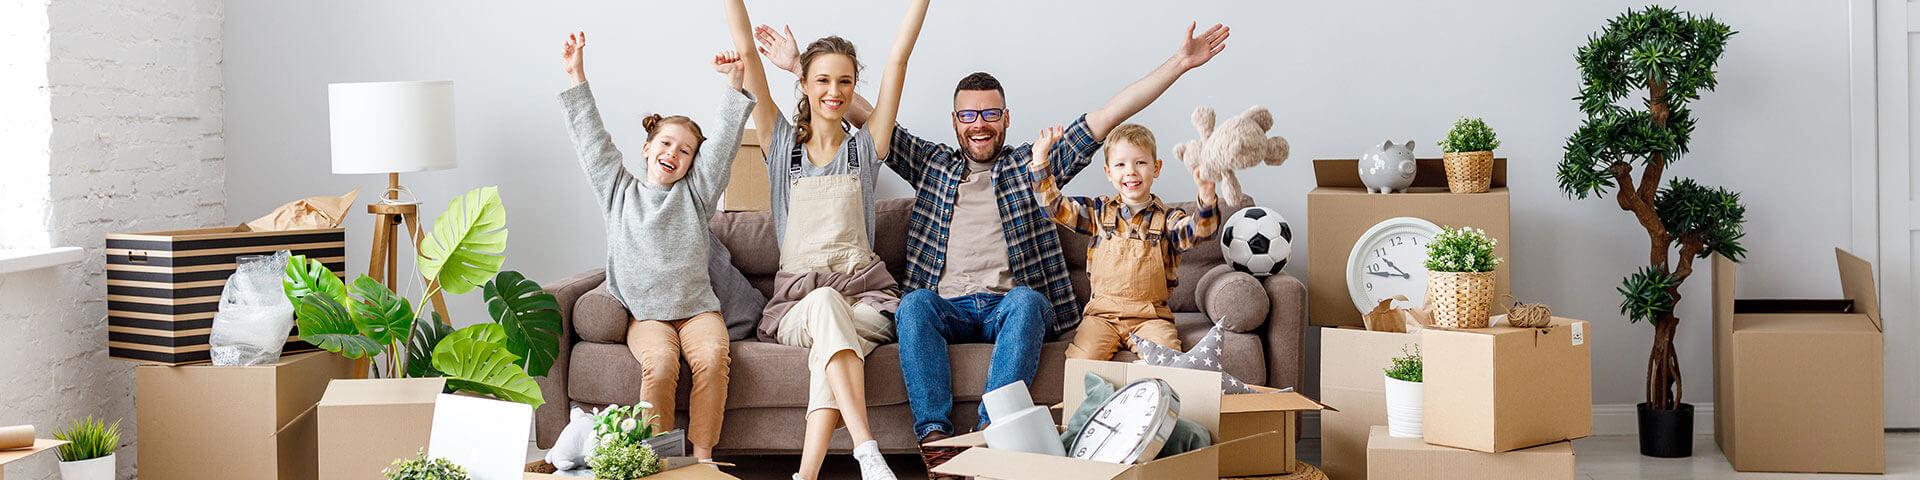 glückliche Familie sitzt auf Sofa mit Umzugskartons im Raum verteilt